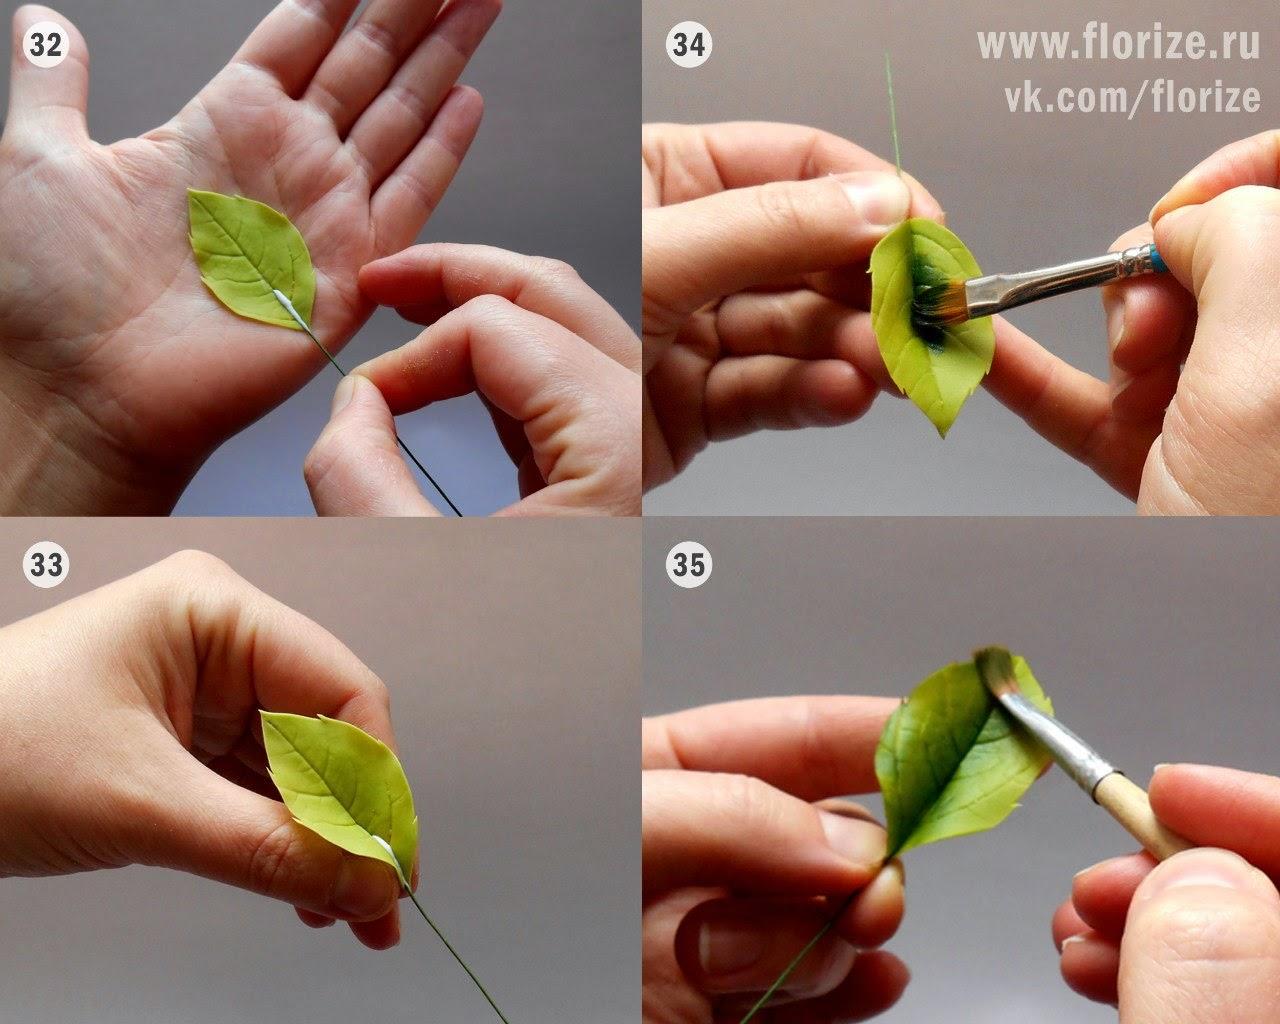 Скелетирование листьев в домашних условиях рецепт пошагово с